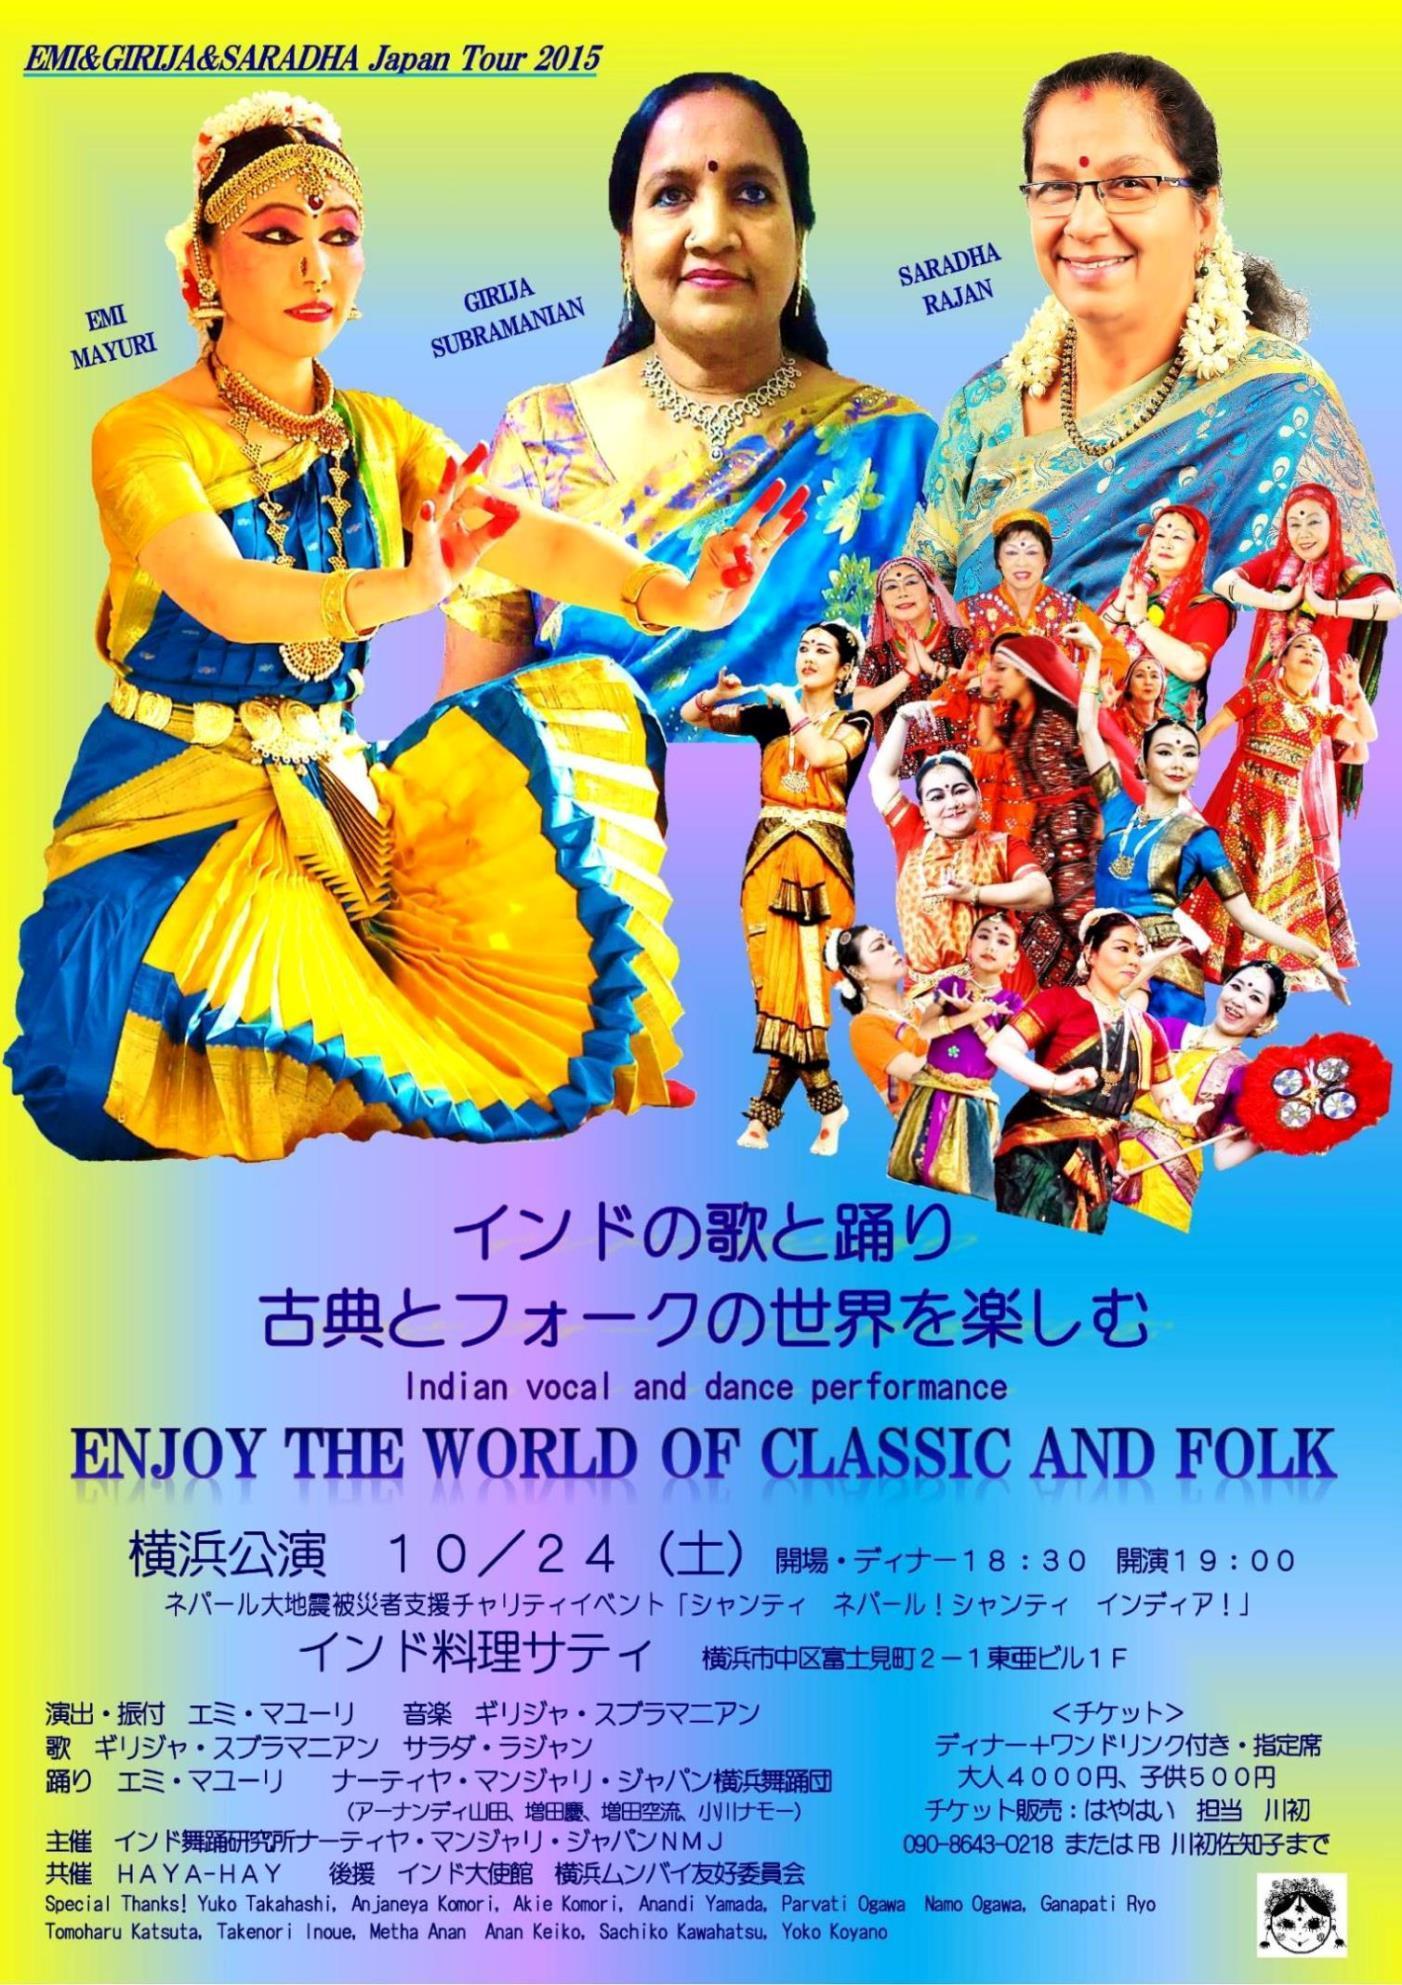 インドの歌と踊り「古典とフォークの世界を楽しむ」のお知らせ_e0145685_19050291.jpg